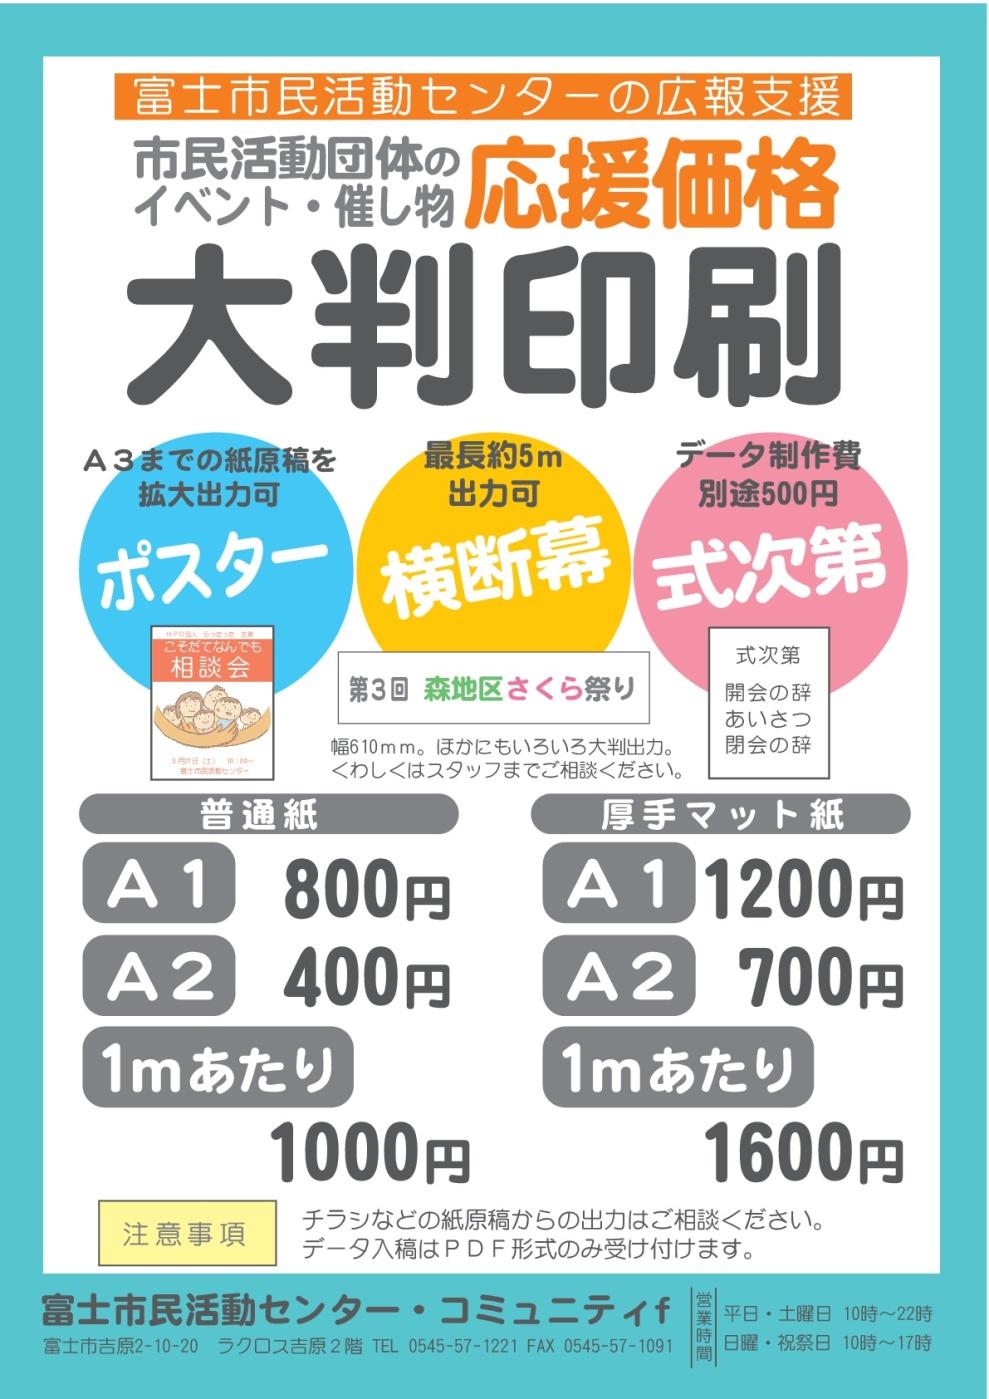 大判チラシ-001